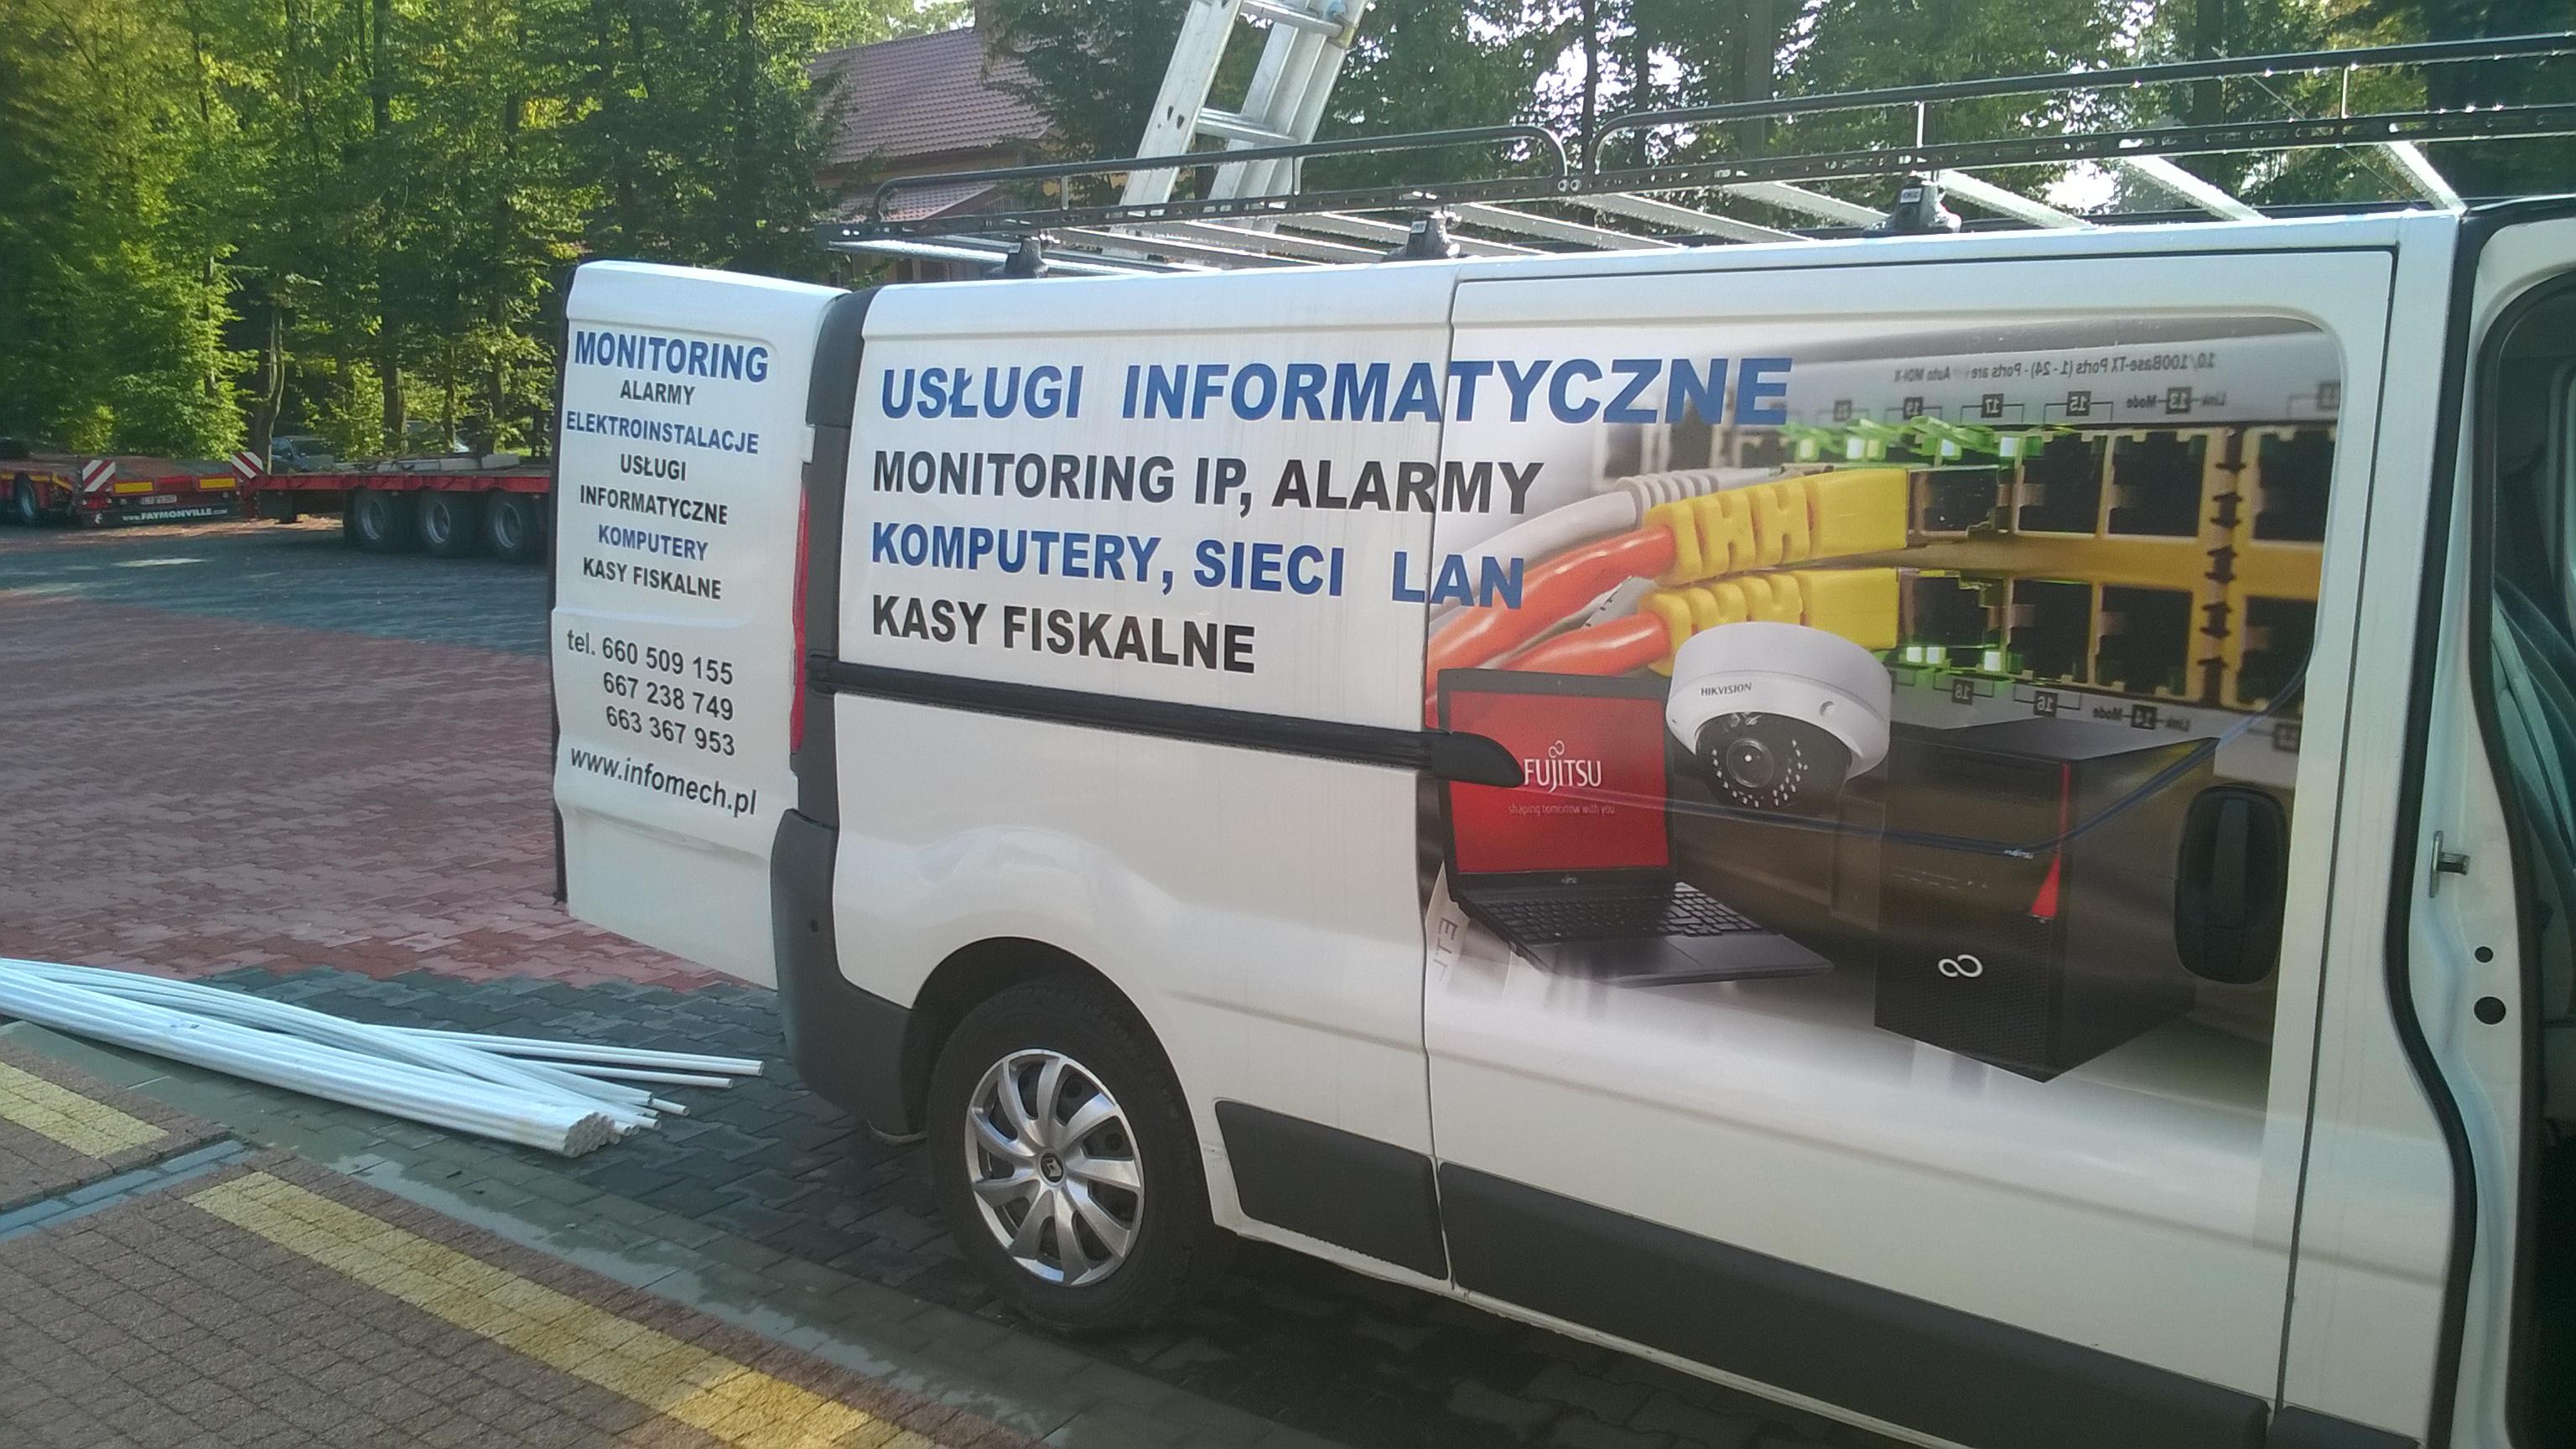 monitoring-bilgoraj-monitoring-zamosc-monitoring-krasnik-monitoring-janow-lubelski-monitoring-gospodarstwa-rolnego-monitoring-chelm-monitoring-lezajsk-10-infomech-monitoring-wizyjny-systemy-zabezpie